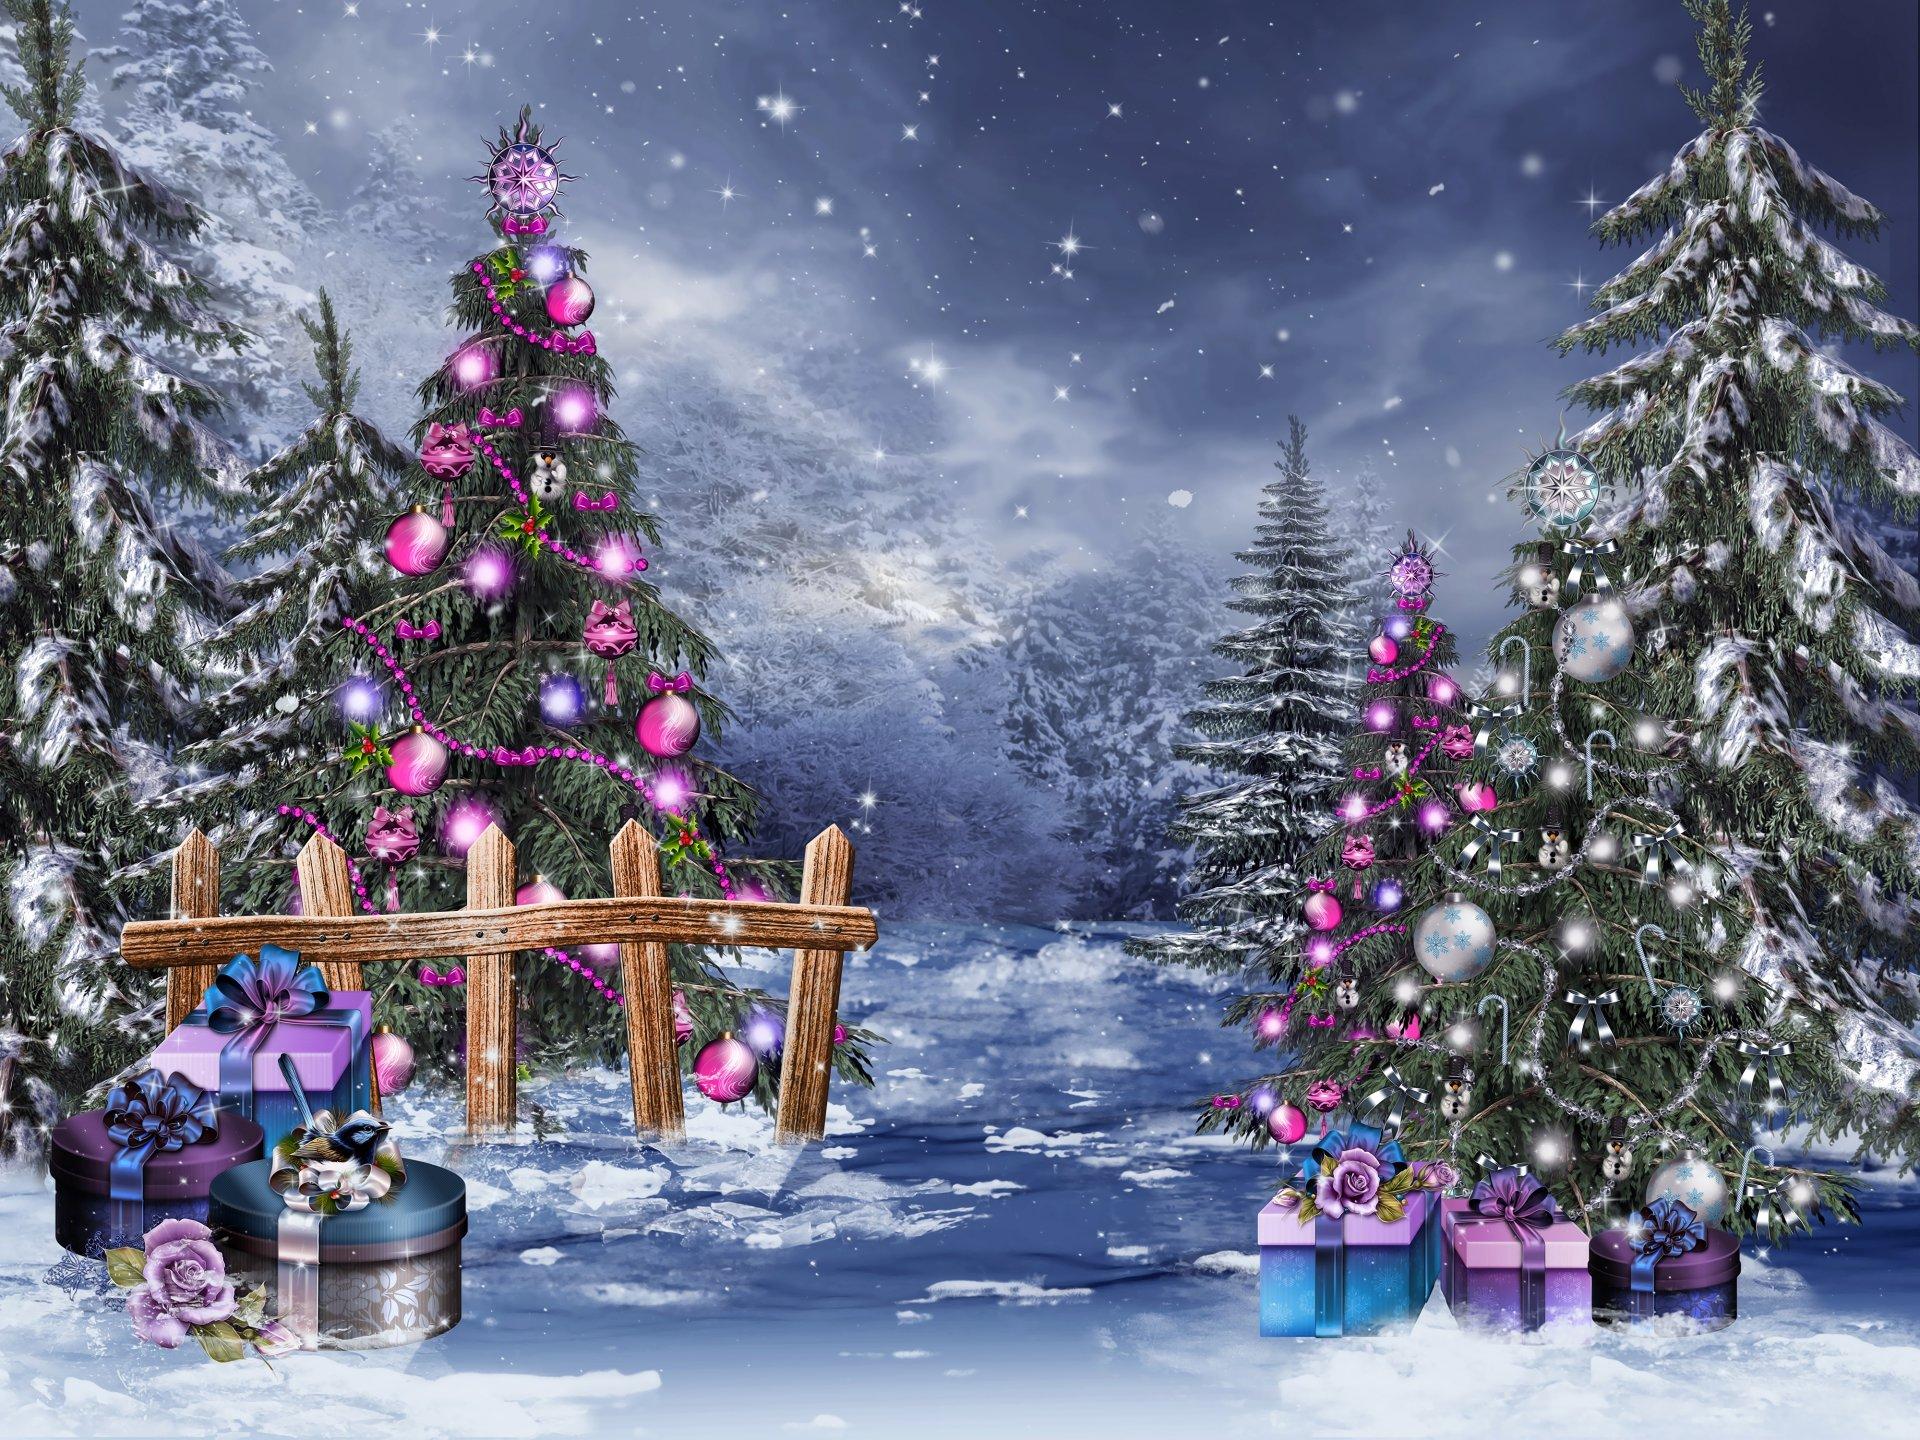 Blue Christmas Tree Forum Avatar: Weihnachten 4k Ultra HD Wallpaper